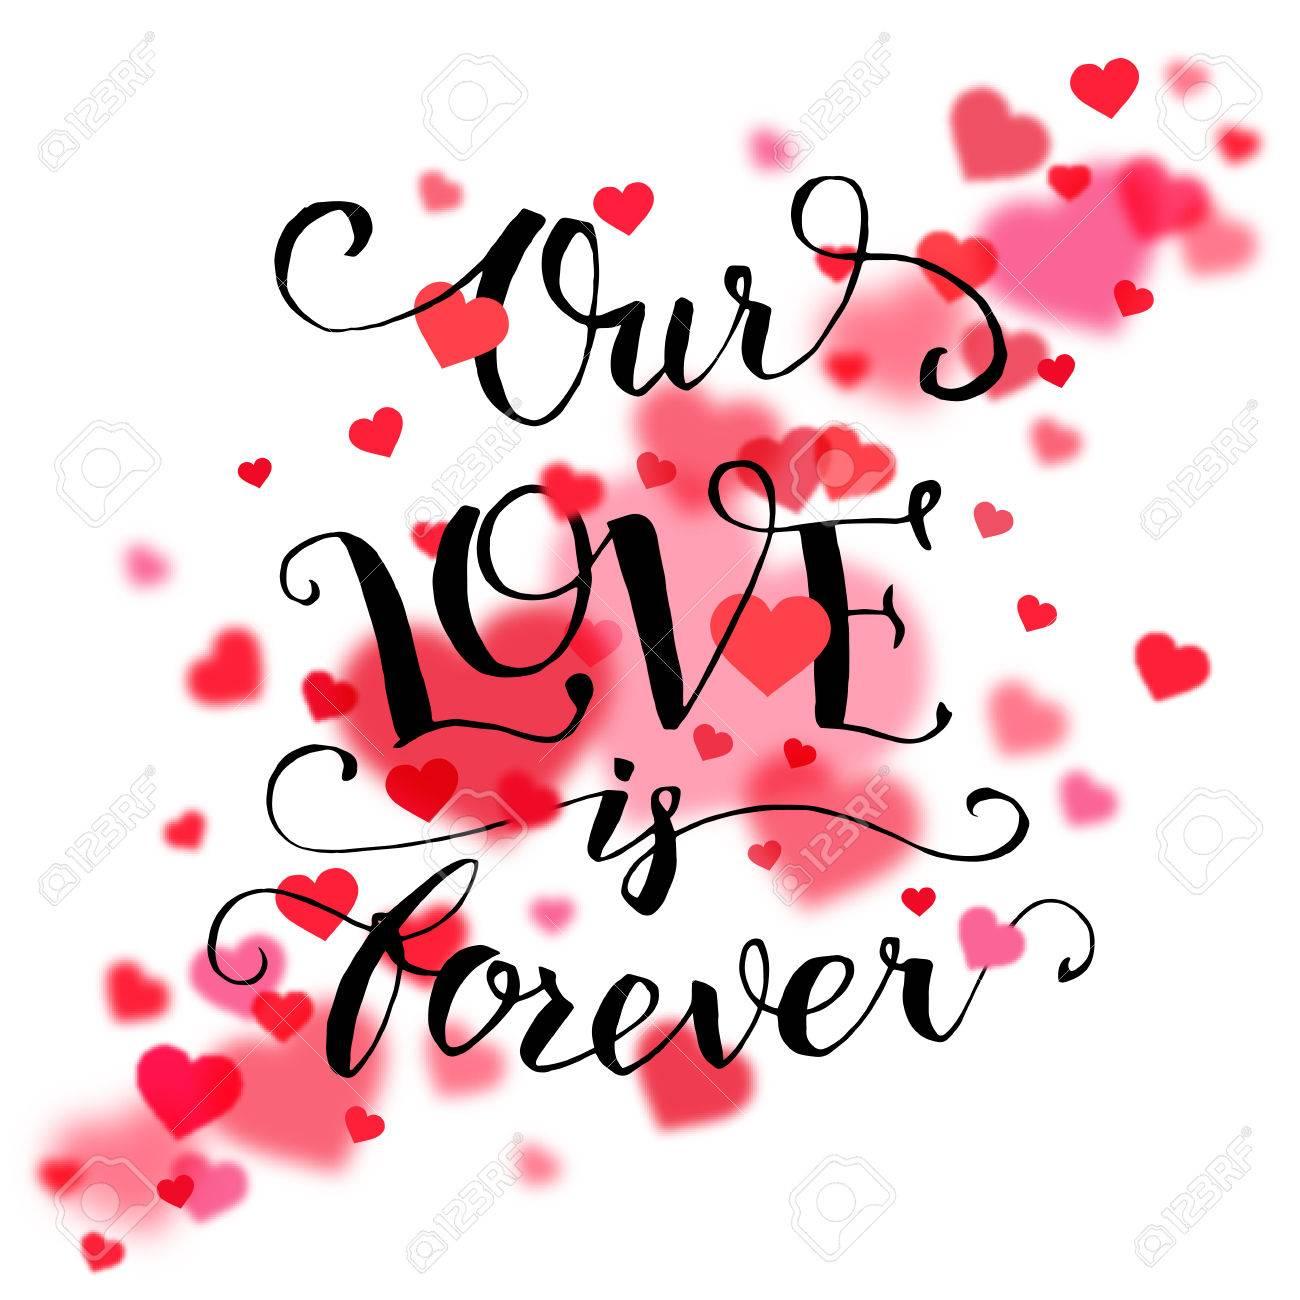 Unsere Liebe Ist Fur Immer Kalligraphie Zitat Handgeschriebener